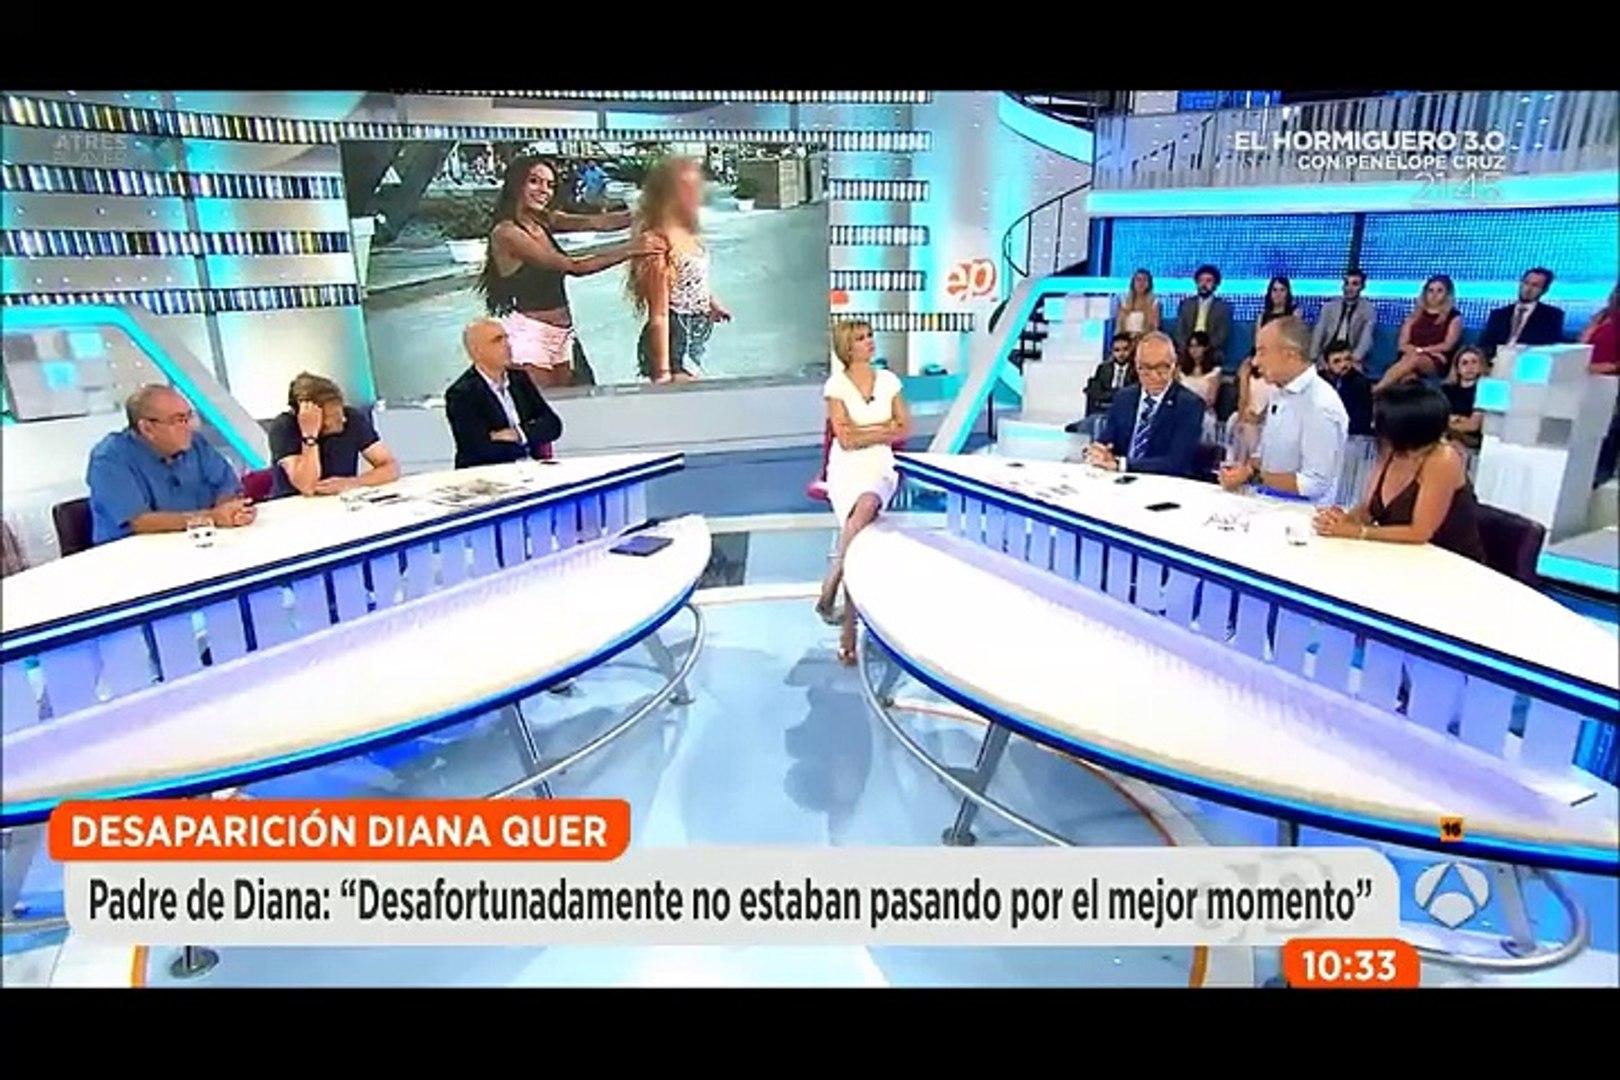 Caso Diana Quer. A3. Espejo Público. Cámaras de seguridad. Entrevistas con el abogado de Diana López